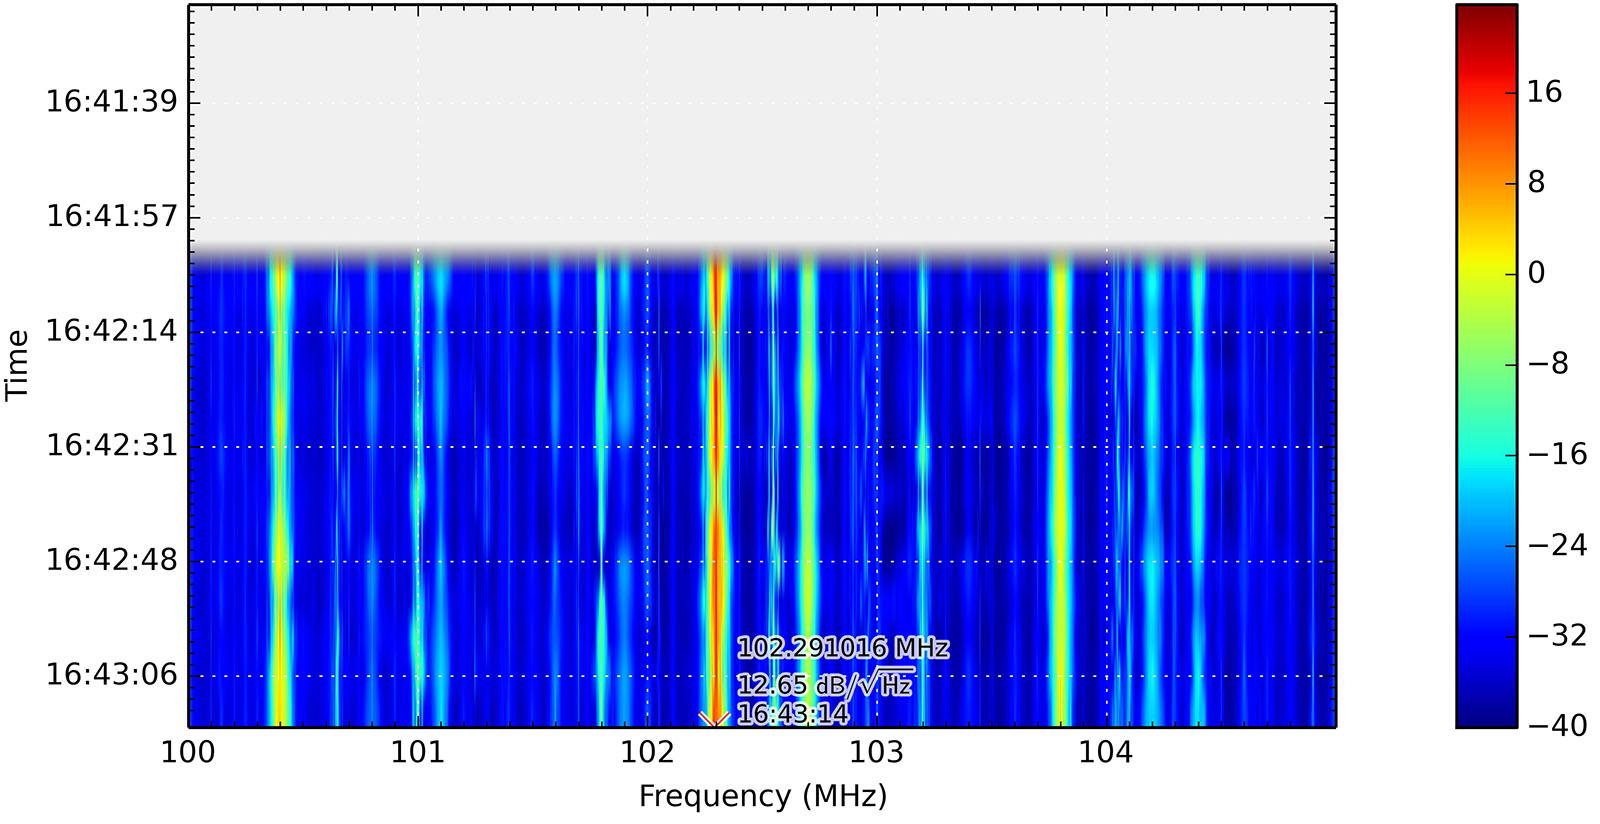 UKW-Rundfunkbereich ohne Filter